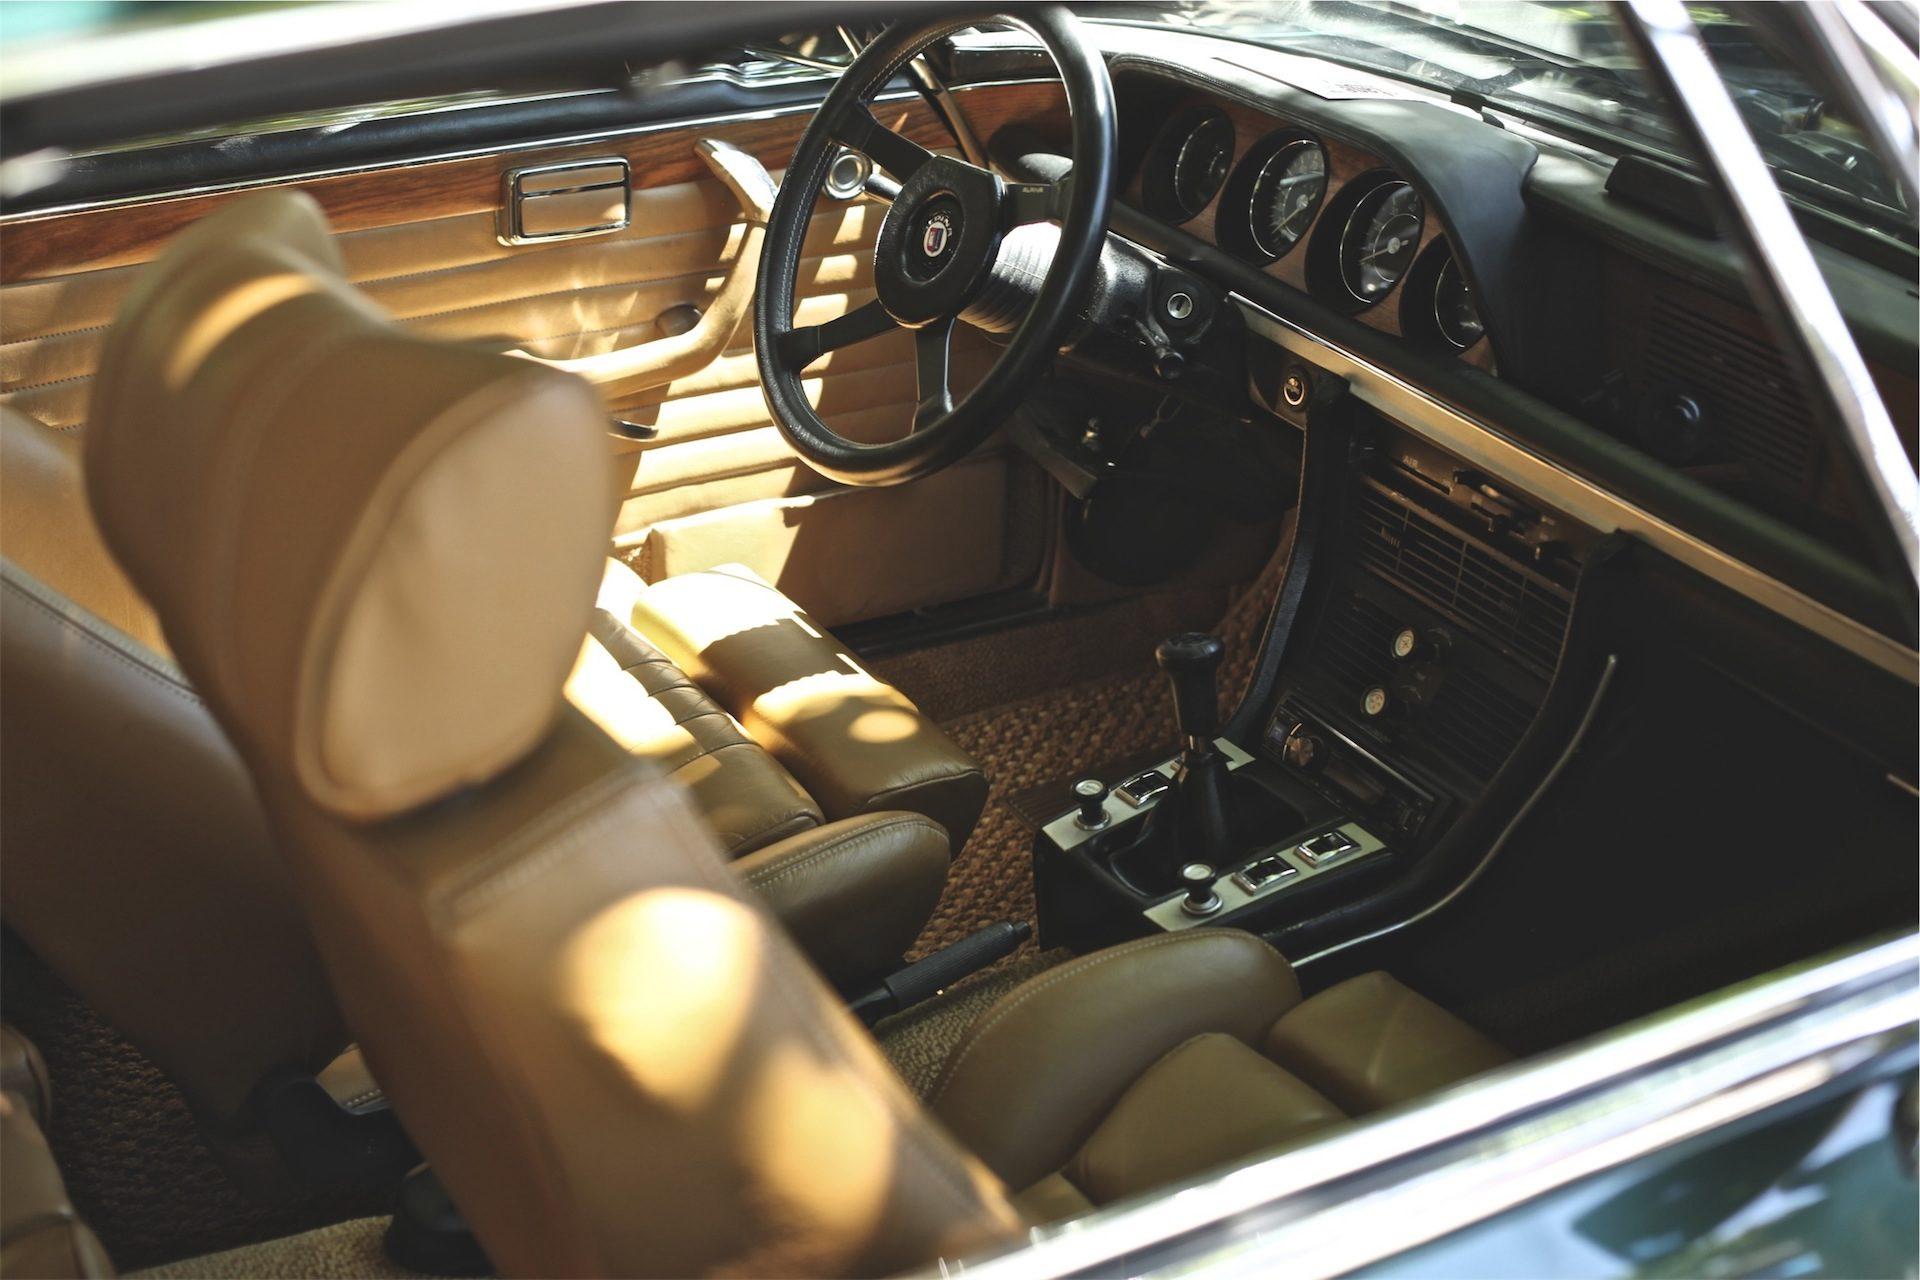 αυτοκίνητο, εσωτερικό, παλιά, παλιάς χρονολογίας, Ταμπλό, καθίσματα - Wallpapers HD - Professor-falken.com